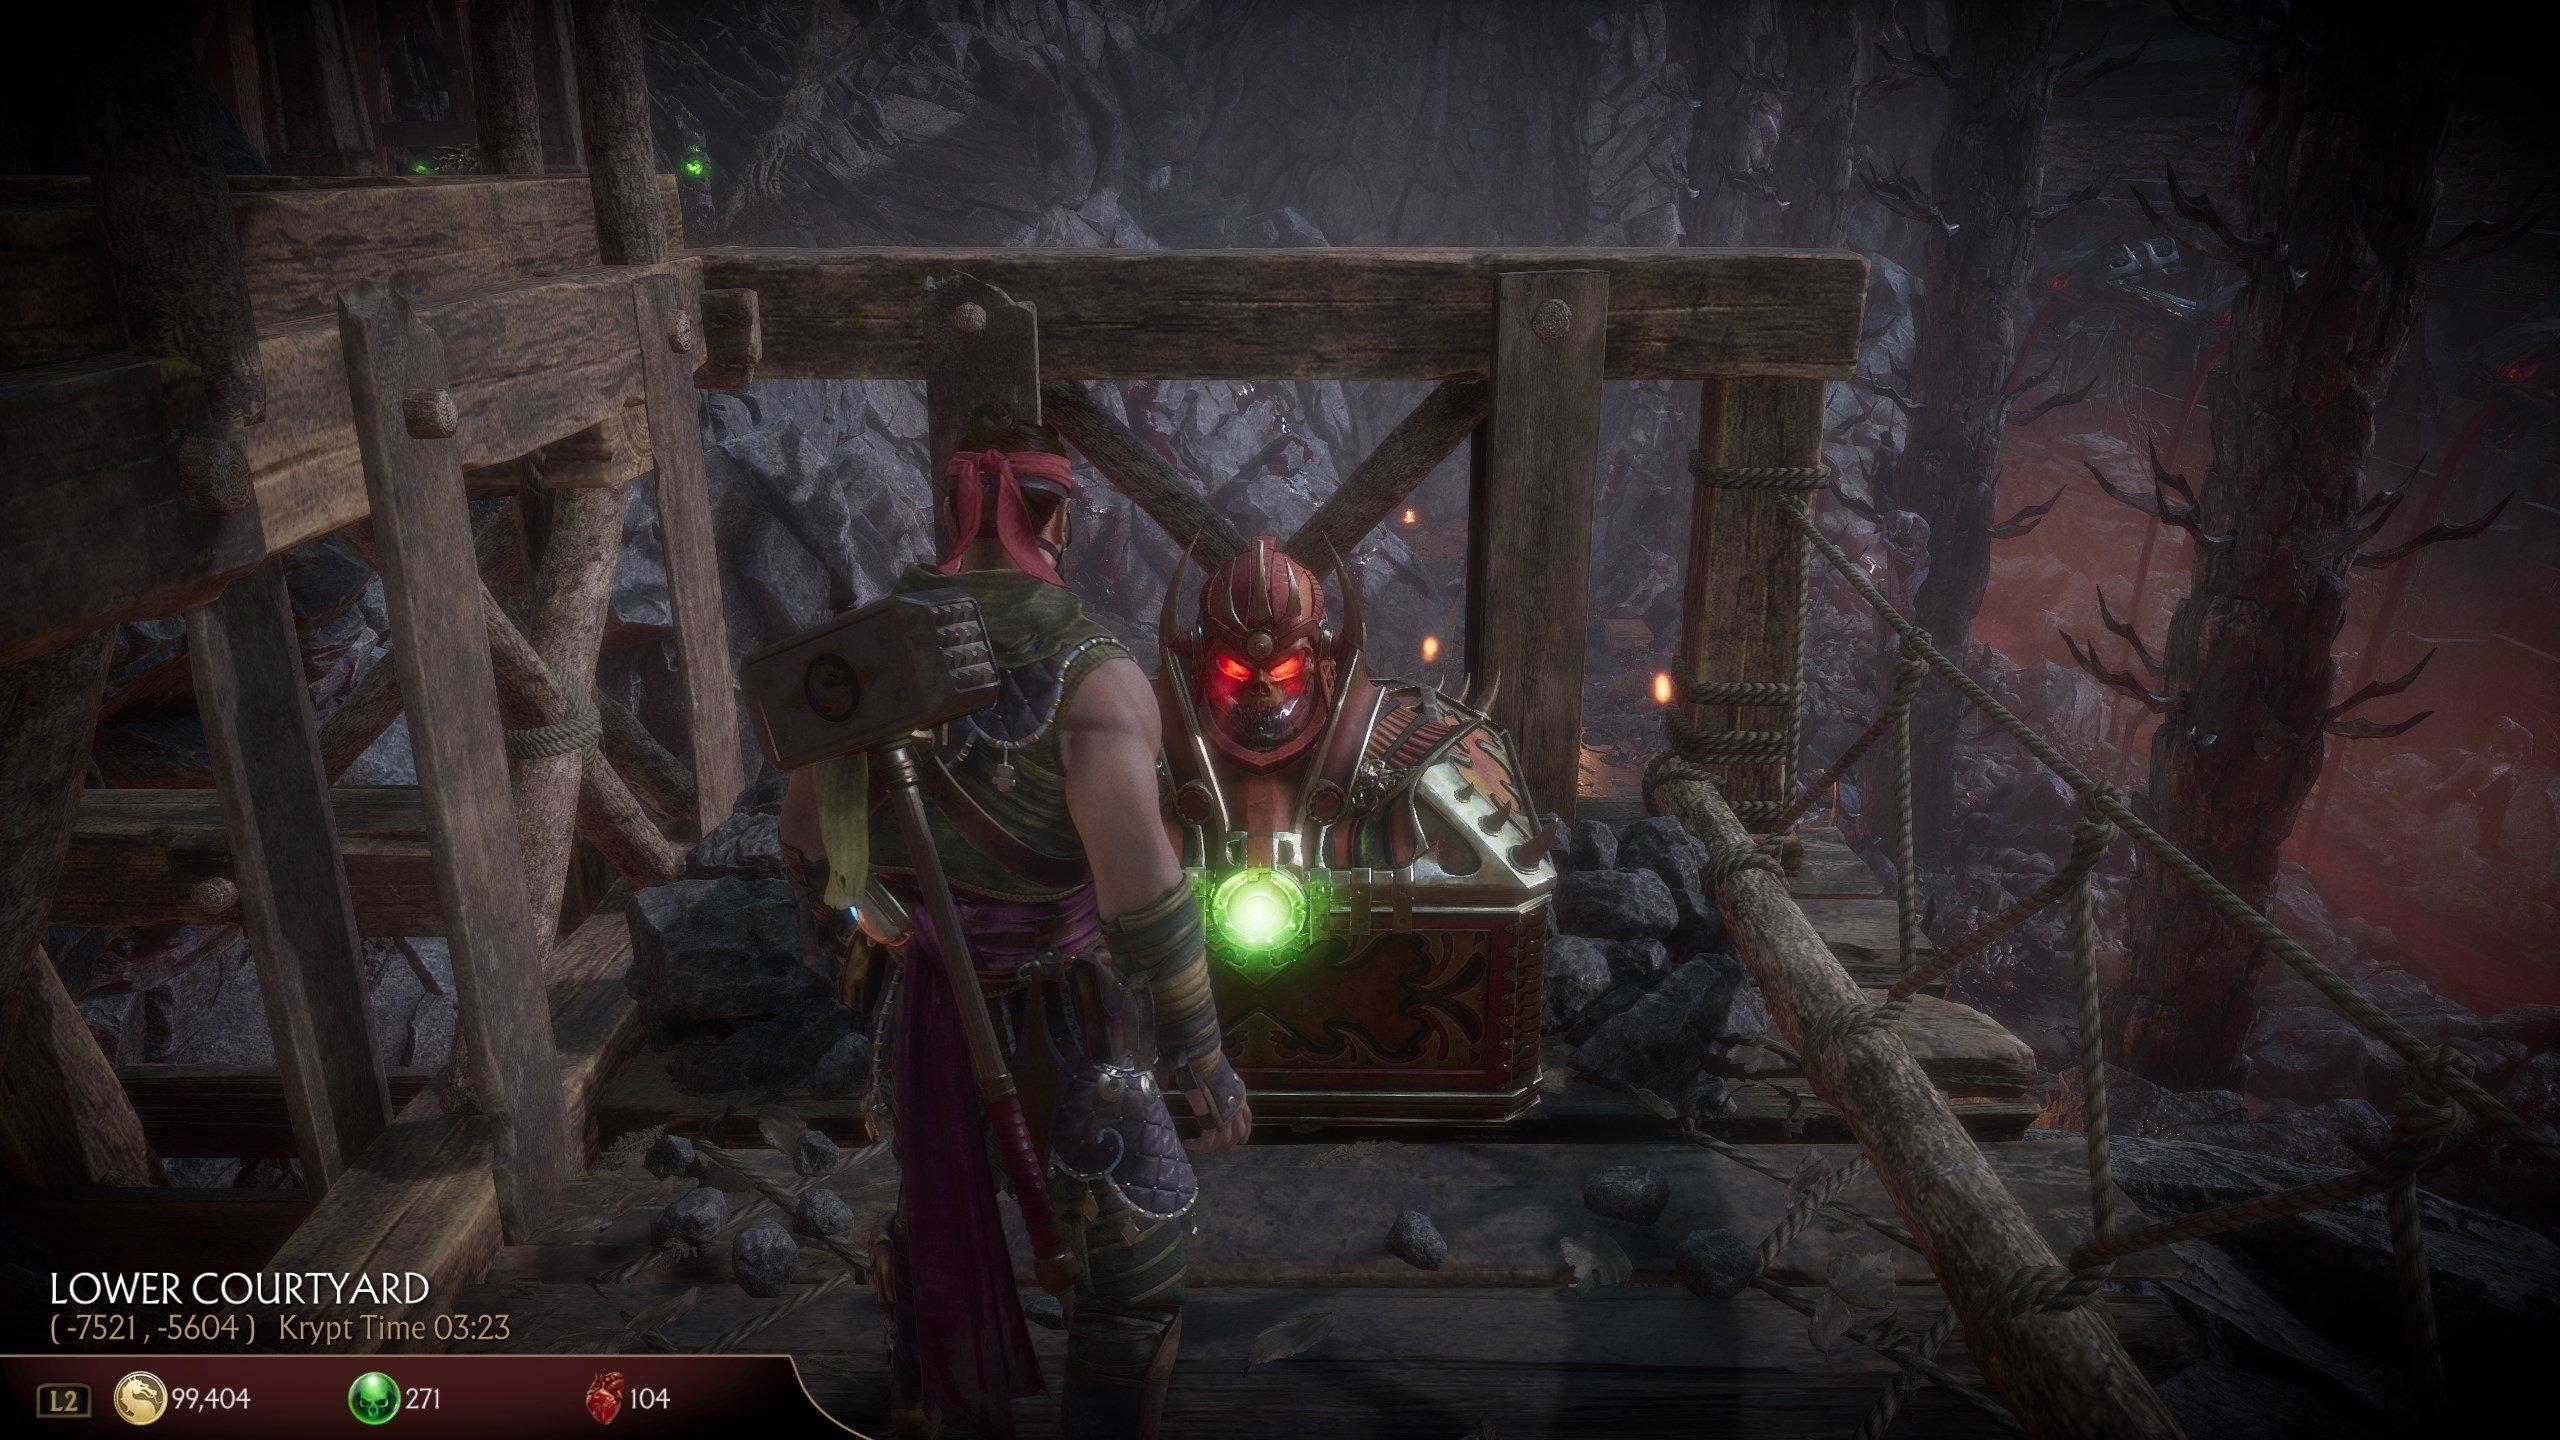 How to open Red Helmet Chests in Mortal Kombat 11's Krypt